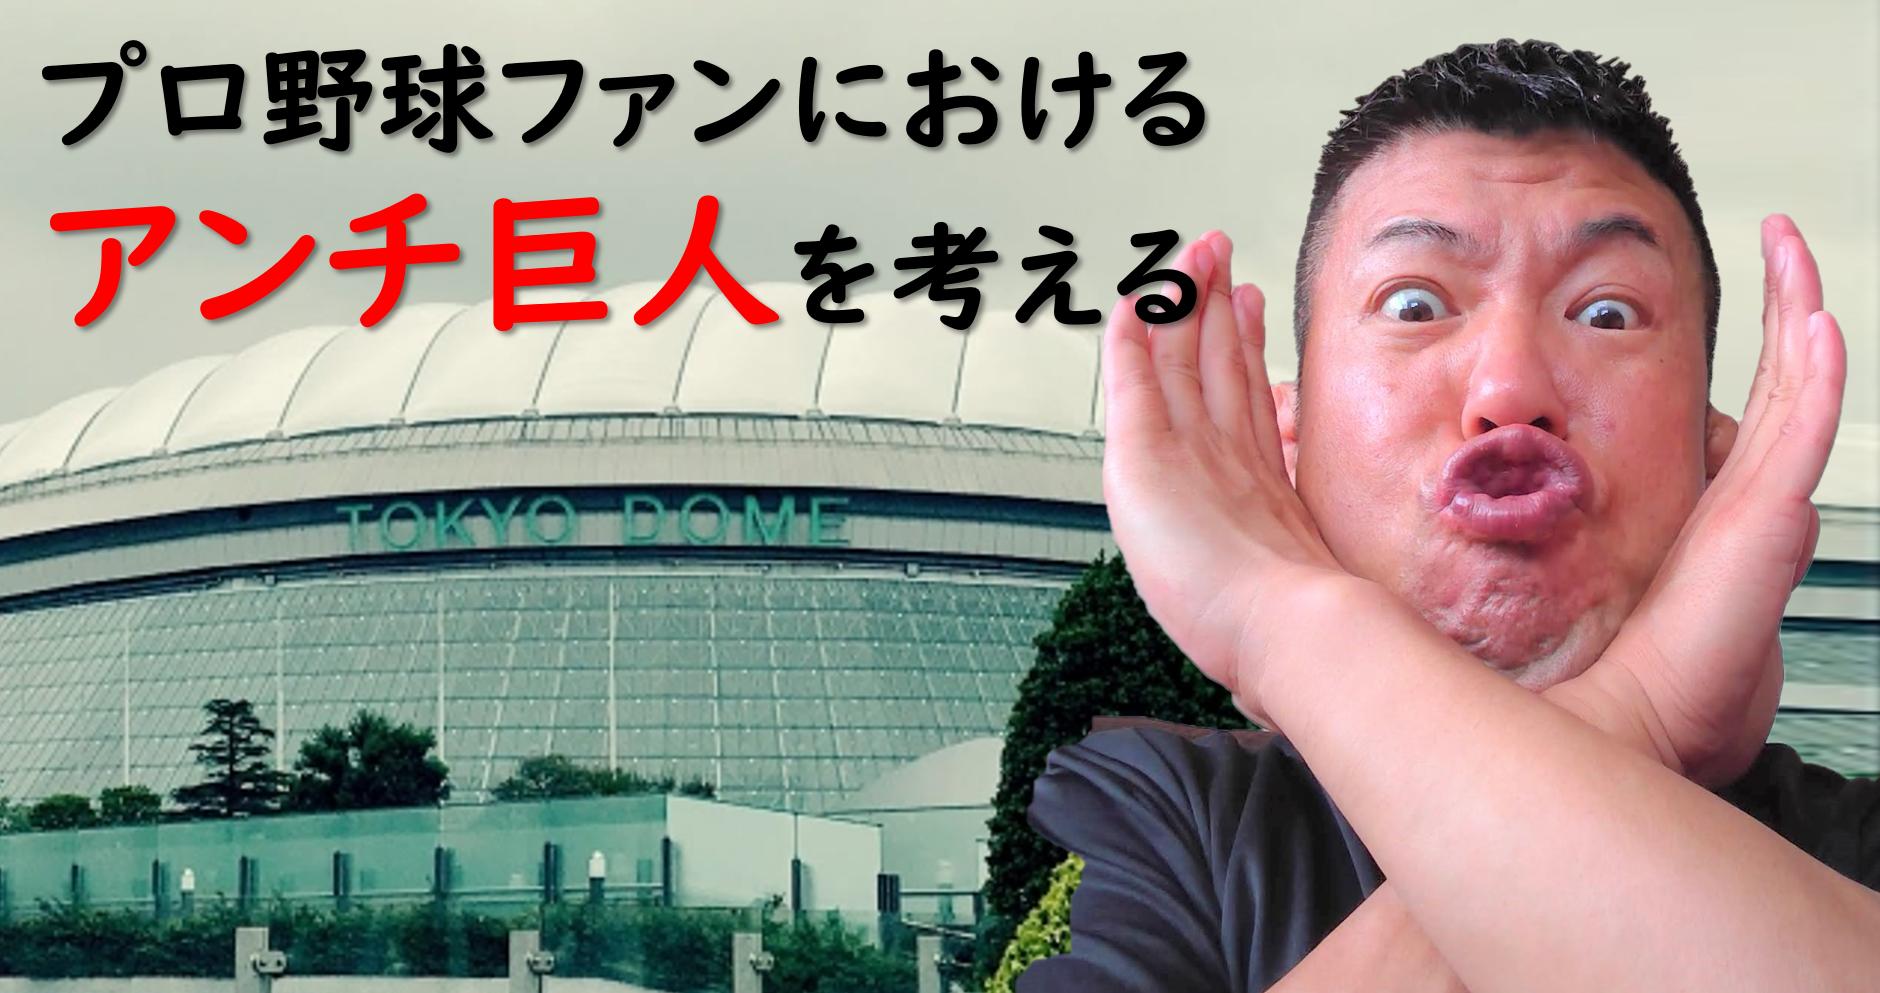 プロ野球 アンチ巨人 巨人阪神戦